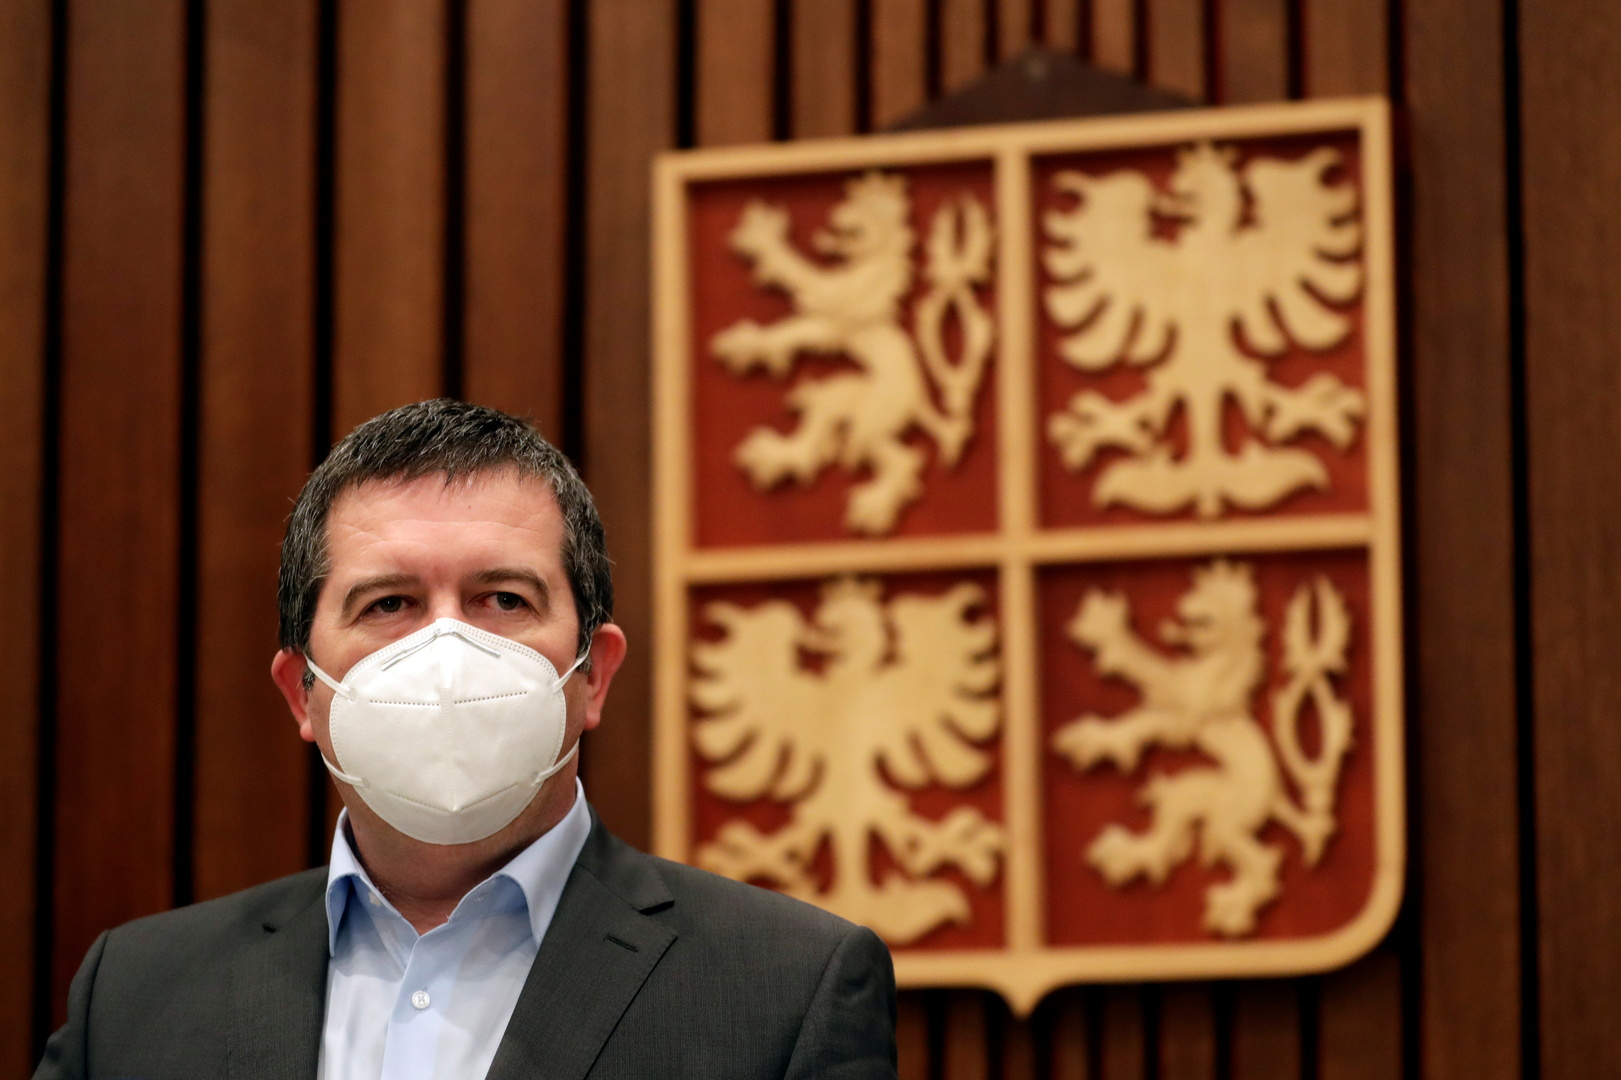 القائم بأعمال وزير الخارجية التشيكي يان هاماتشيك